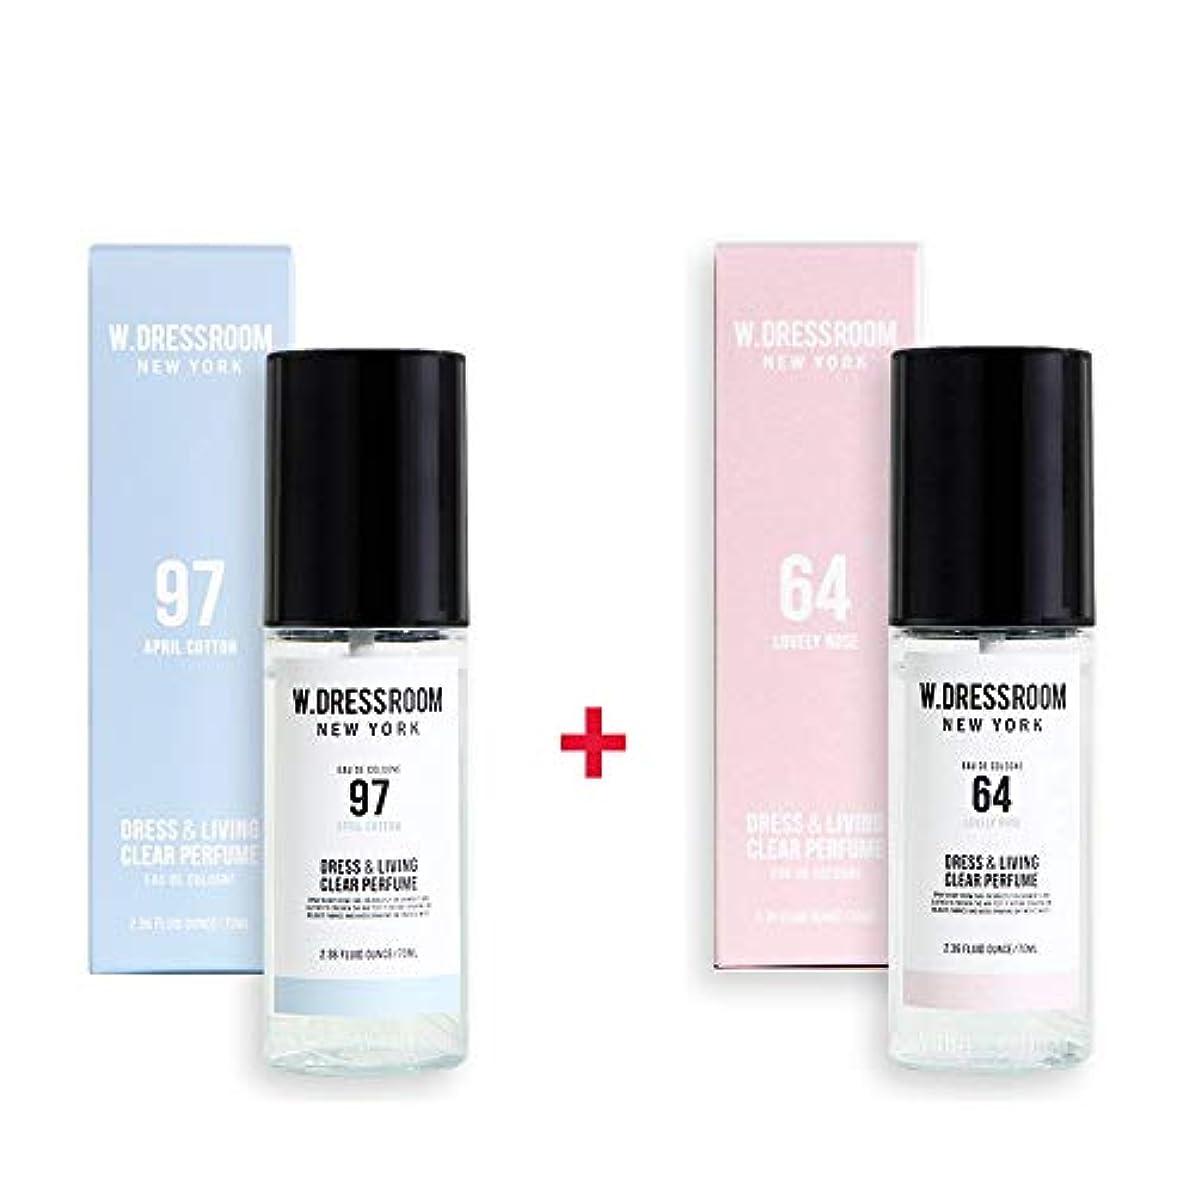 ポイント残る嫌がるW.DRESSROOM Dress & Living Clear Perfume 70ml (No 97 April Cotton)+(No 64 Lovely Rose)